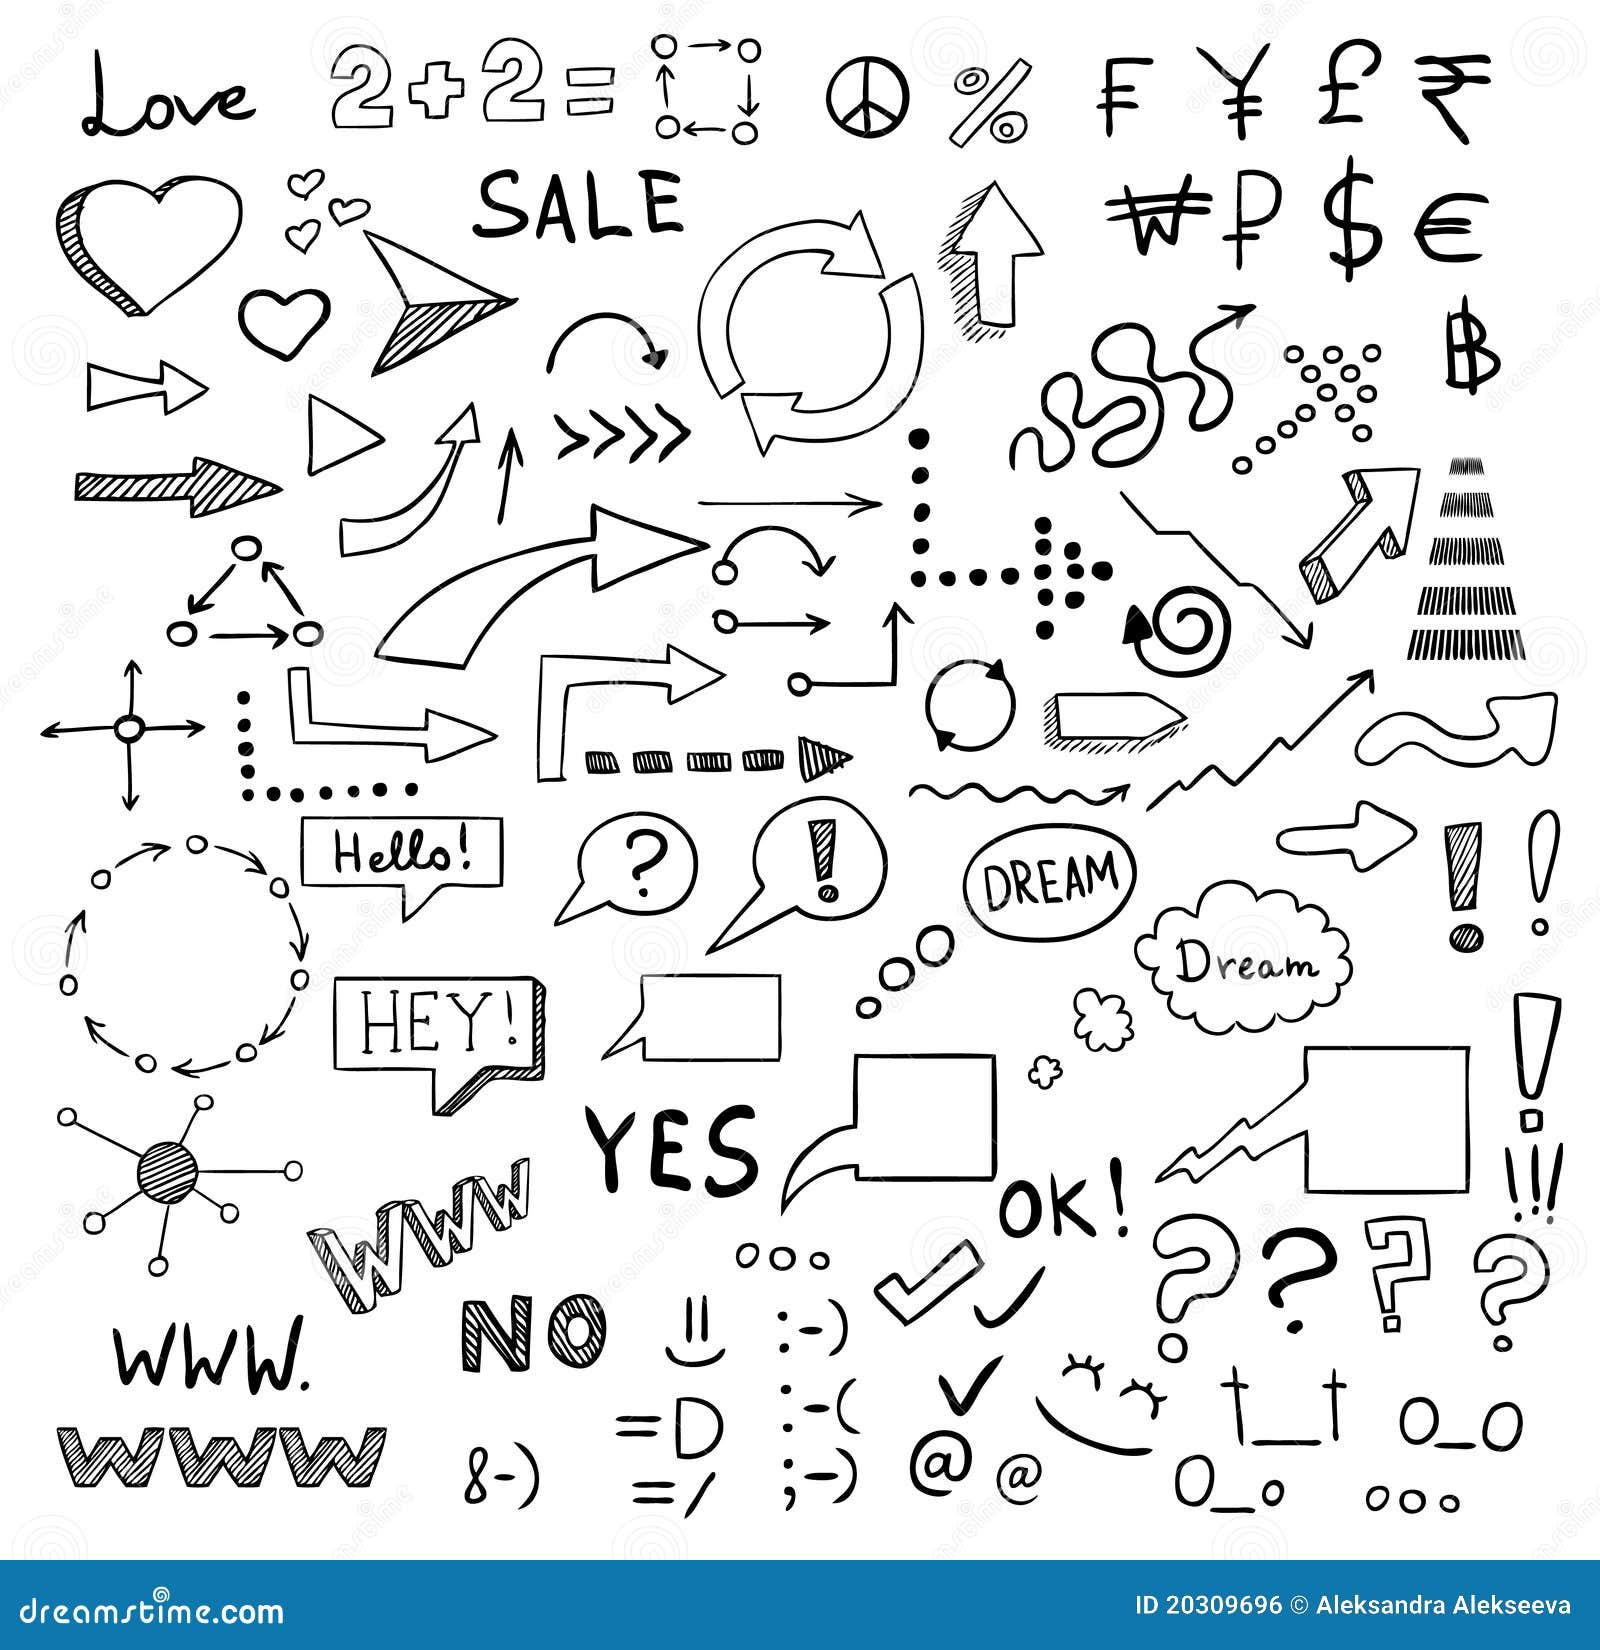 ... -vrije Stock Afbeelding: De vectorreeks van tekens en van symbolen: nl.dreamstime.com/royalty-vrije-stock-afbeelding-de-vectorreeks-van...